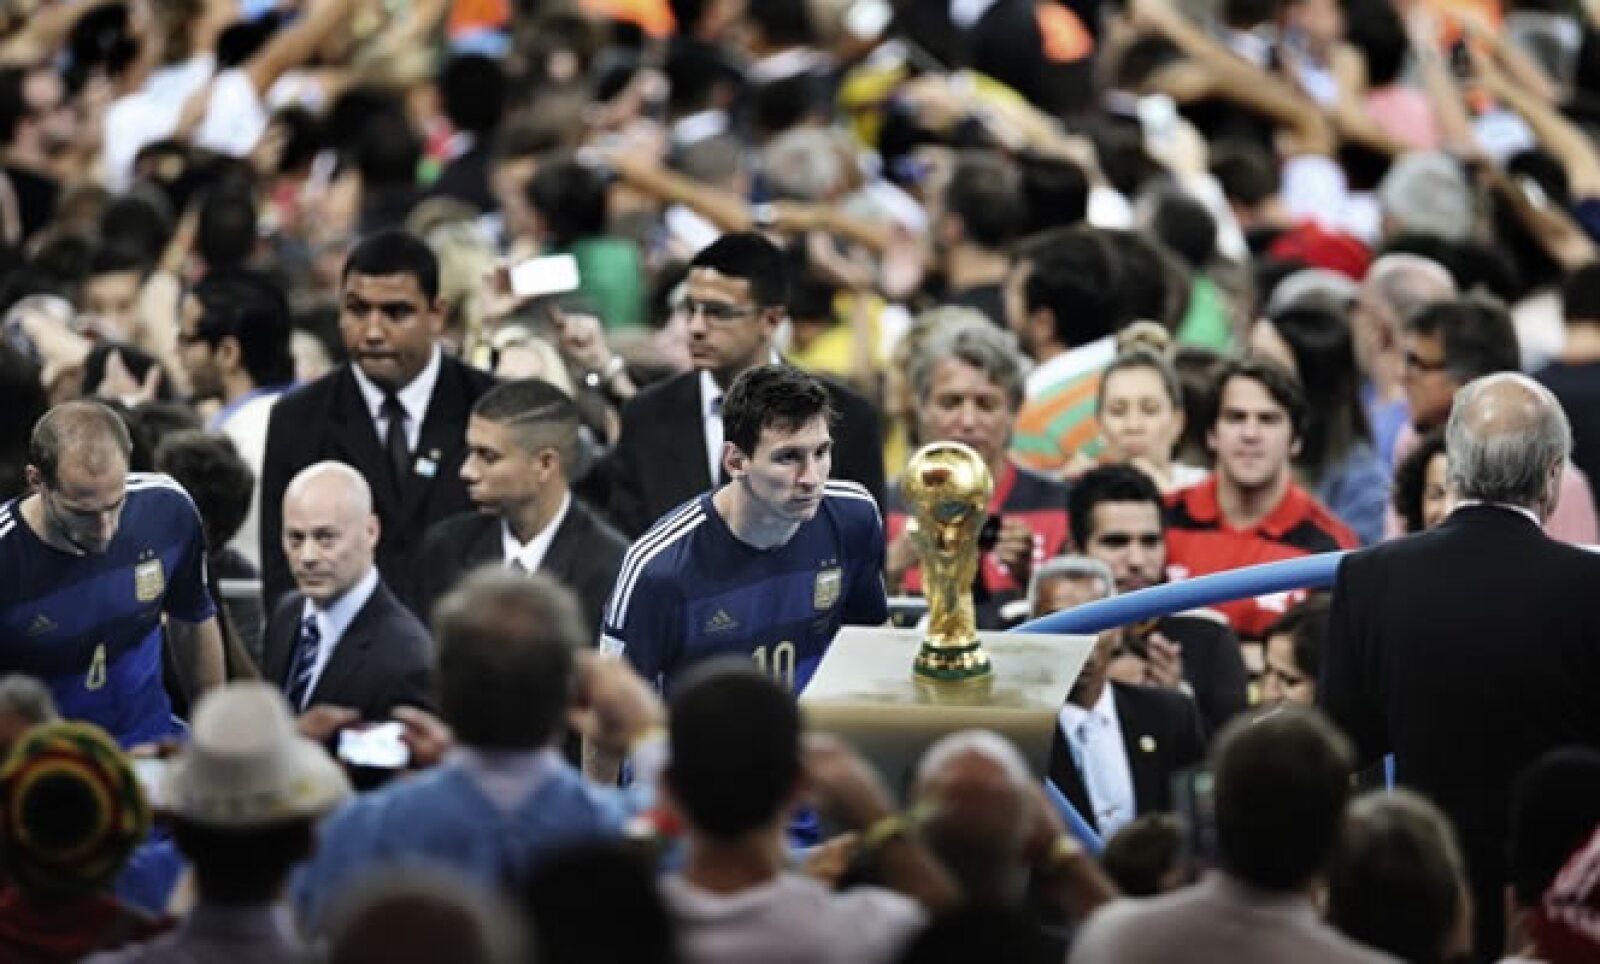 Lionel Messi pasa junto al trofeo de la Copa del Mundo en el estadio Maracana durante el Mundial de Brasil. Autor: Bao Tailiang. Categoría: Deportes.